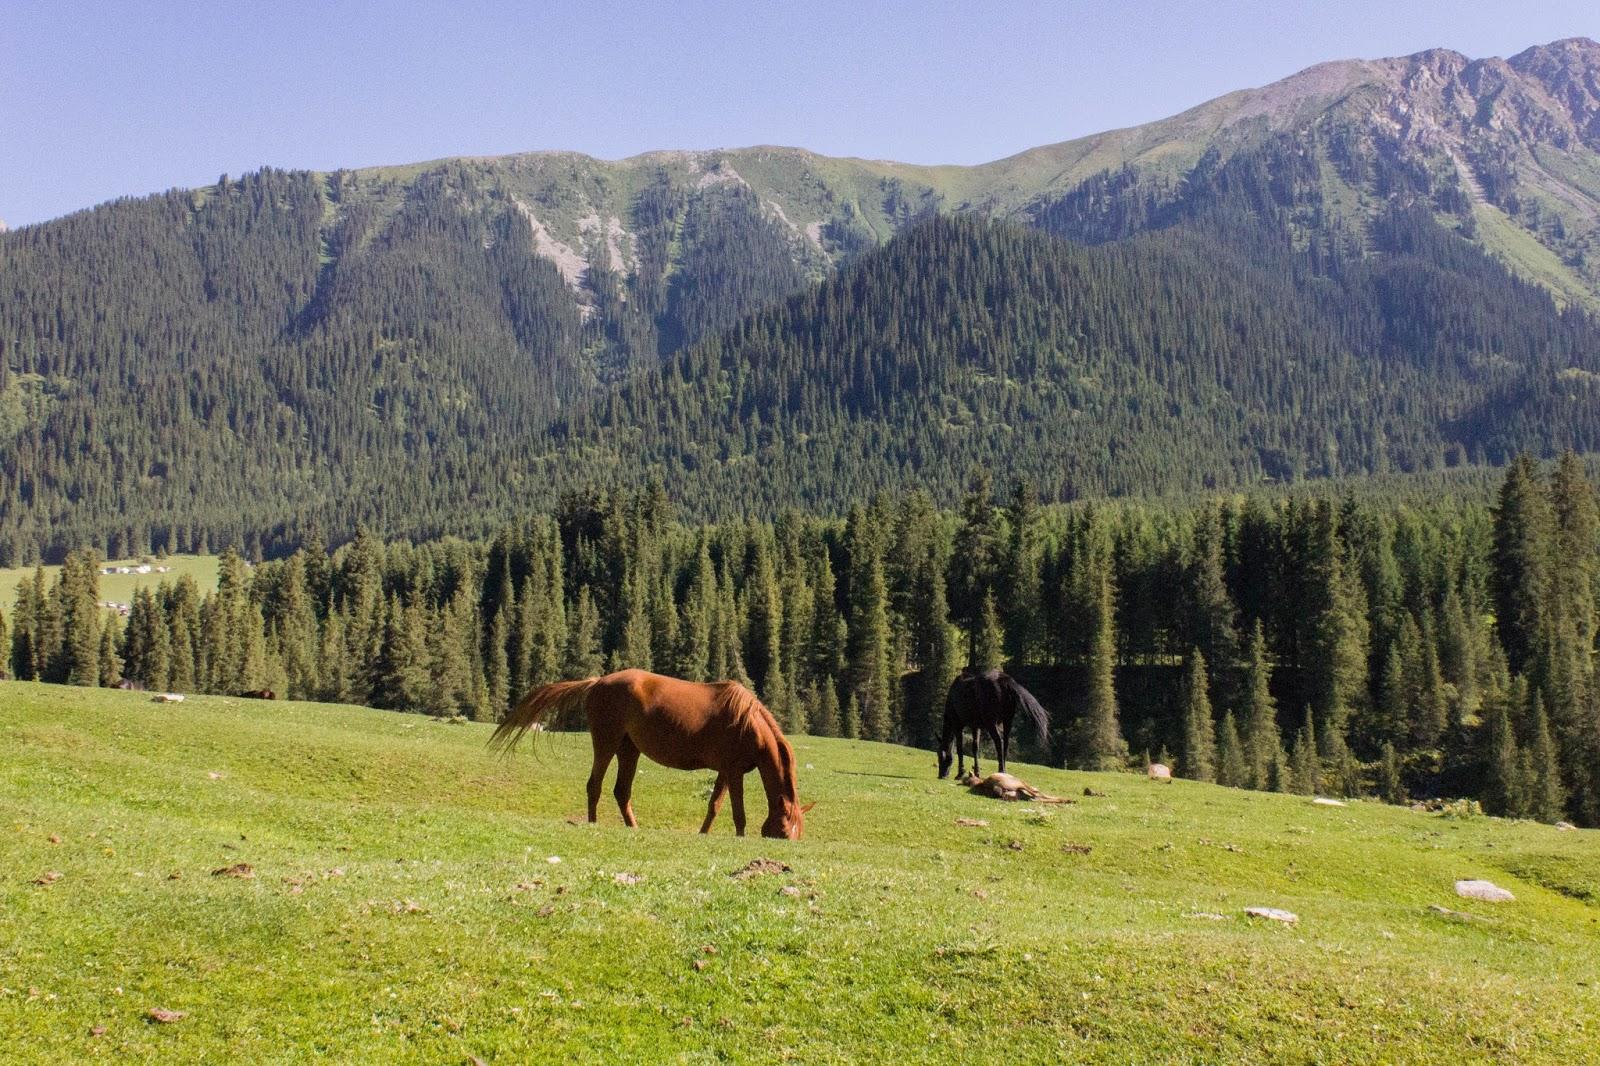 Кыргызстан, Джеты-Огуз, Иссык-Куль, лошади